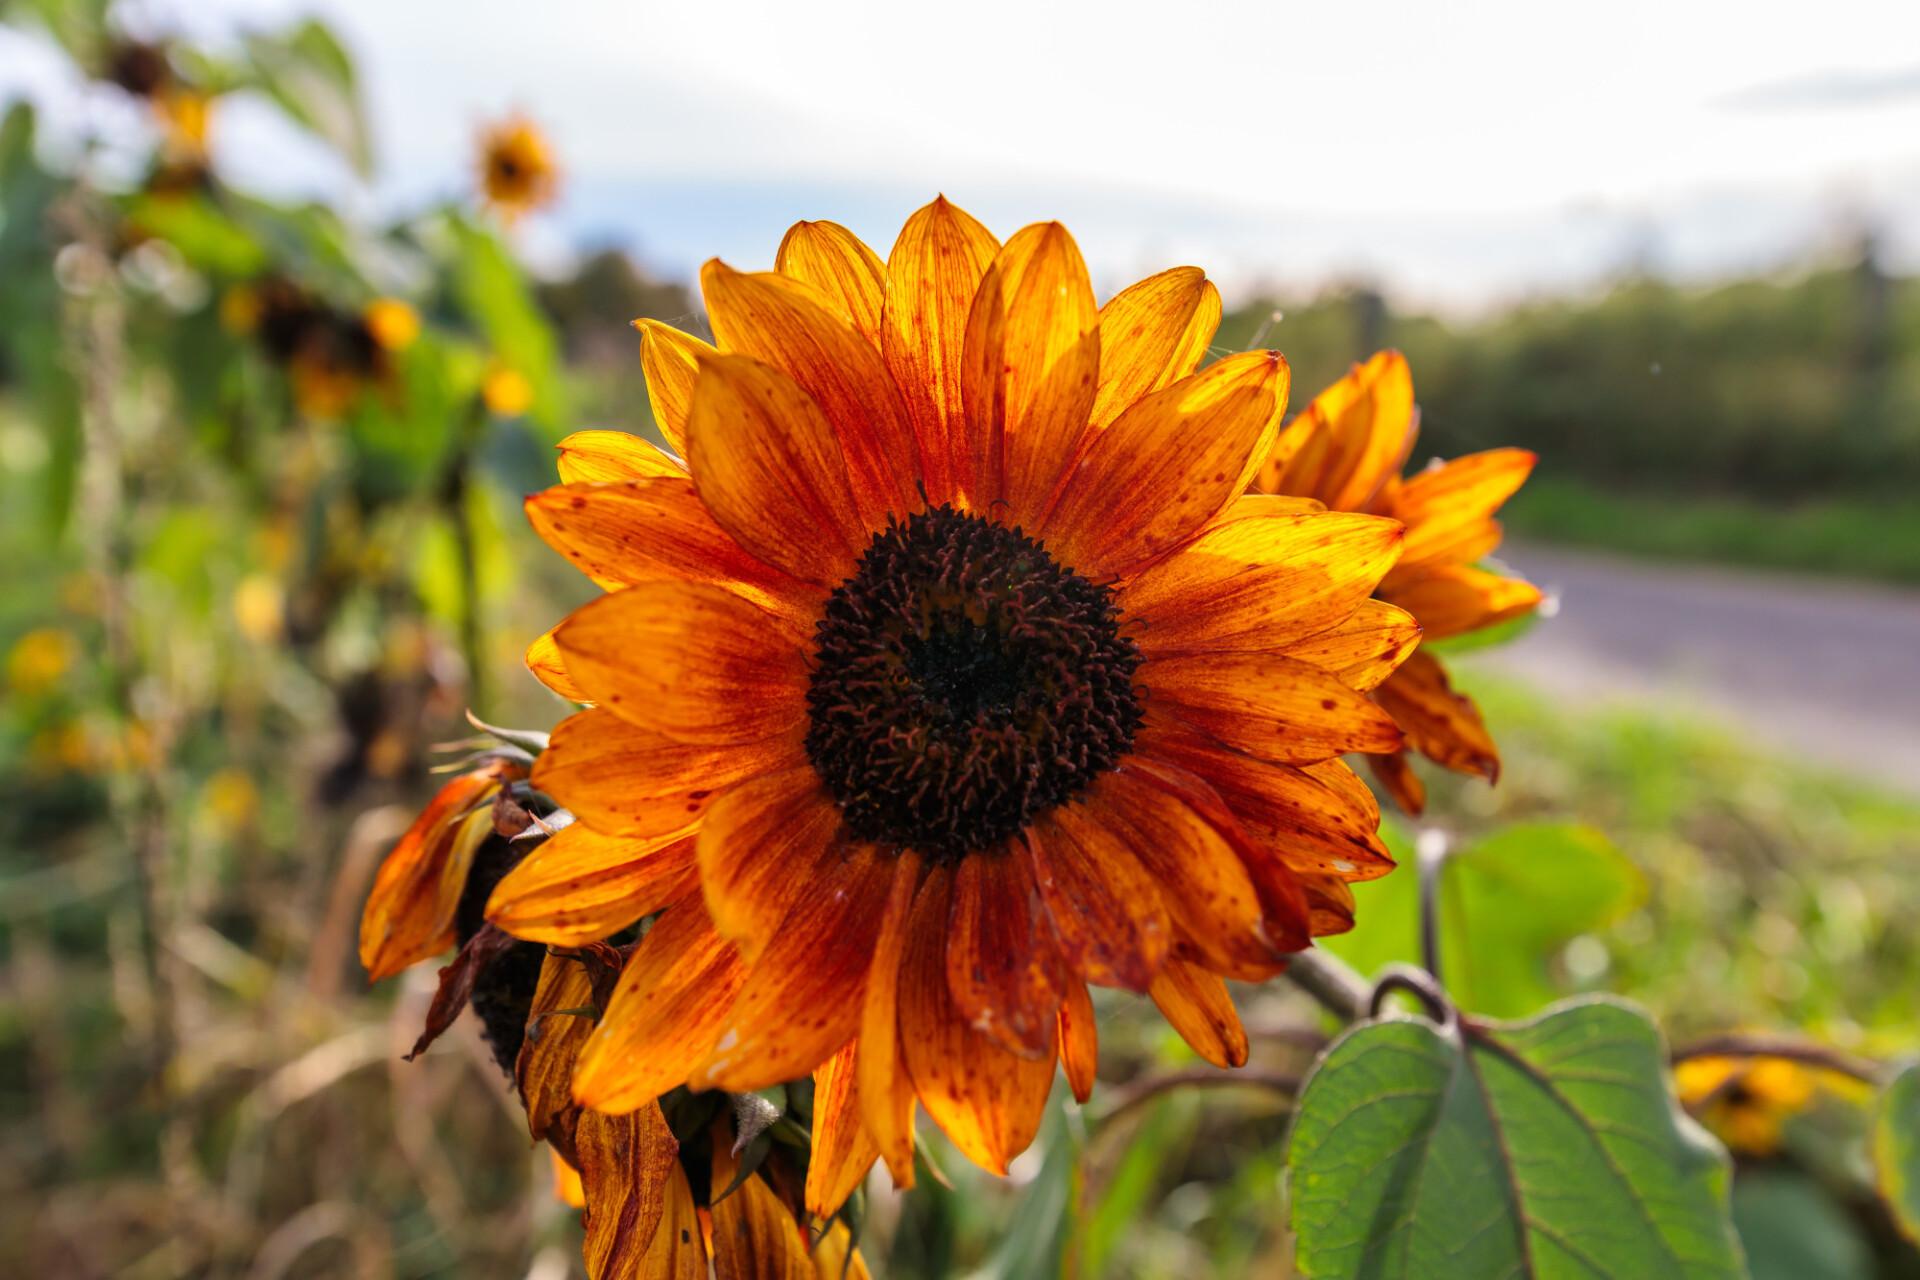 Beautiful orange sunflower in autumn